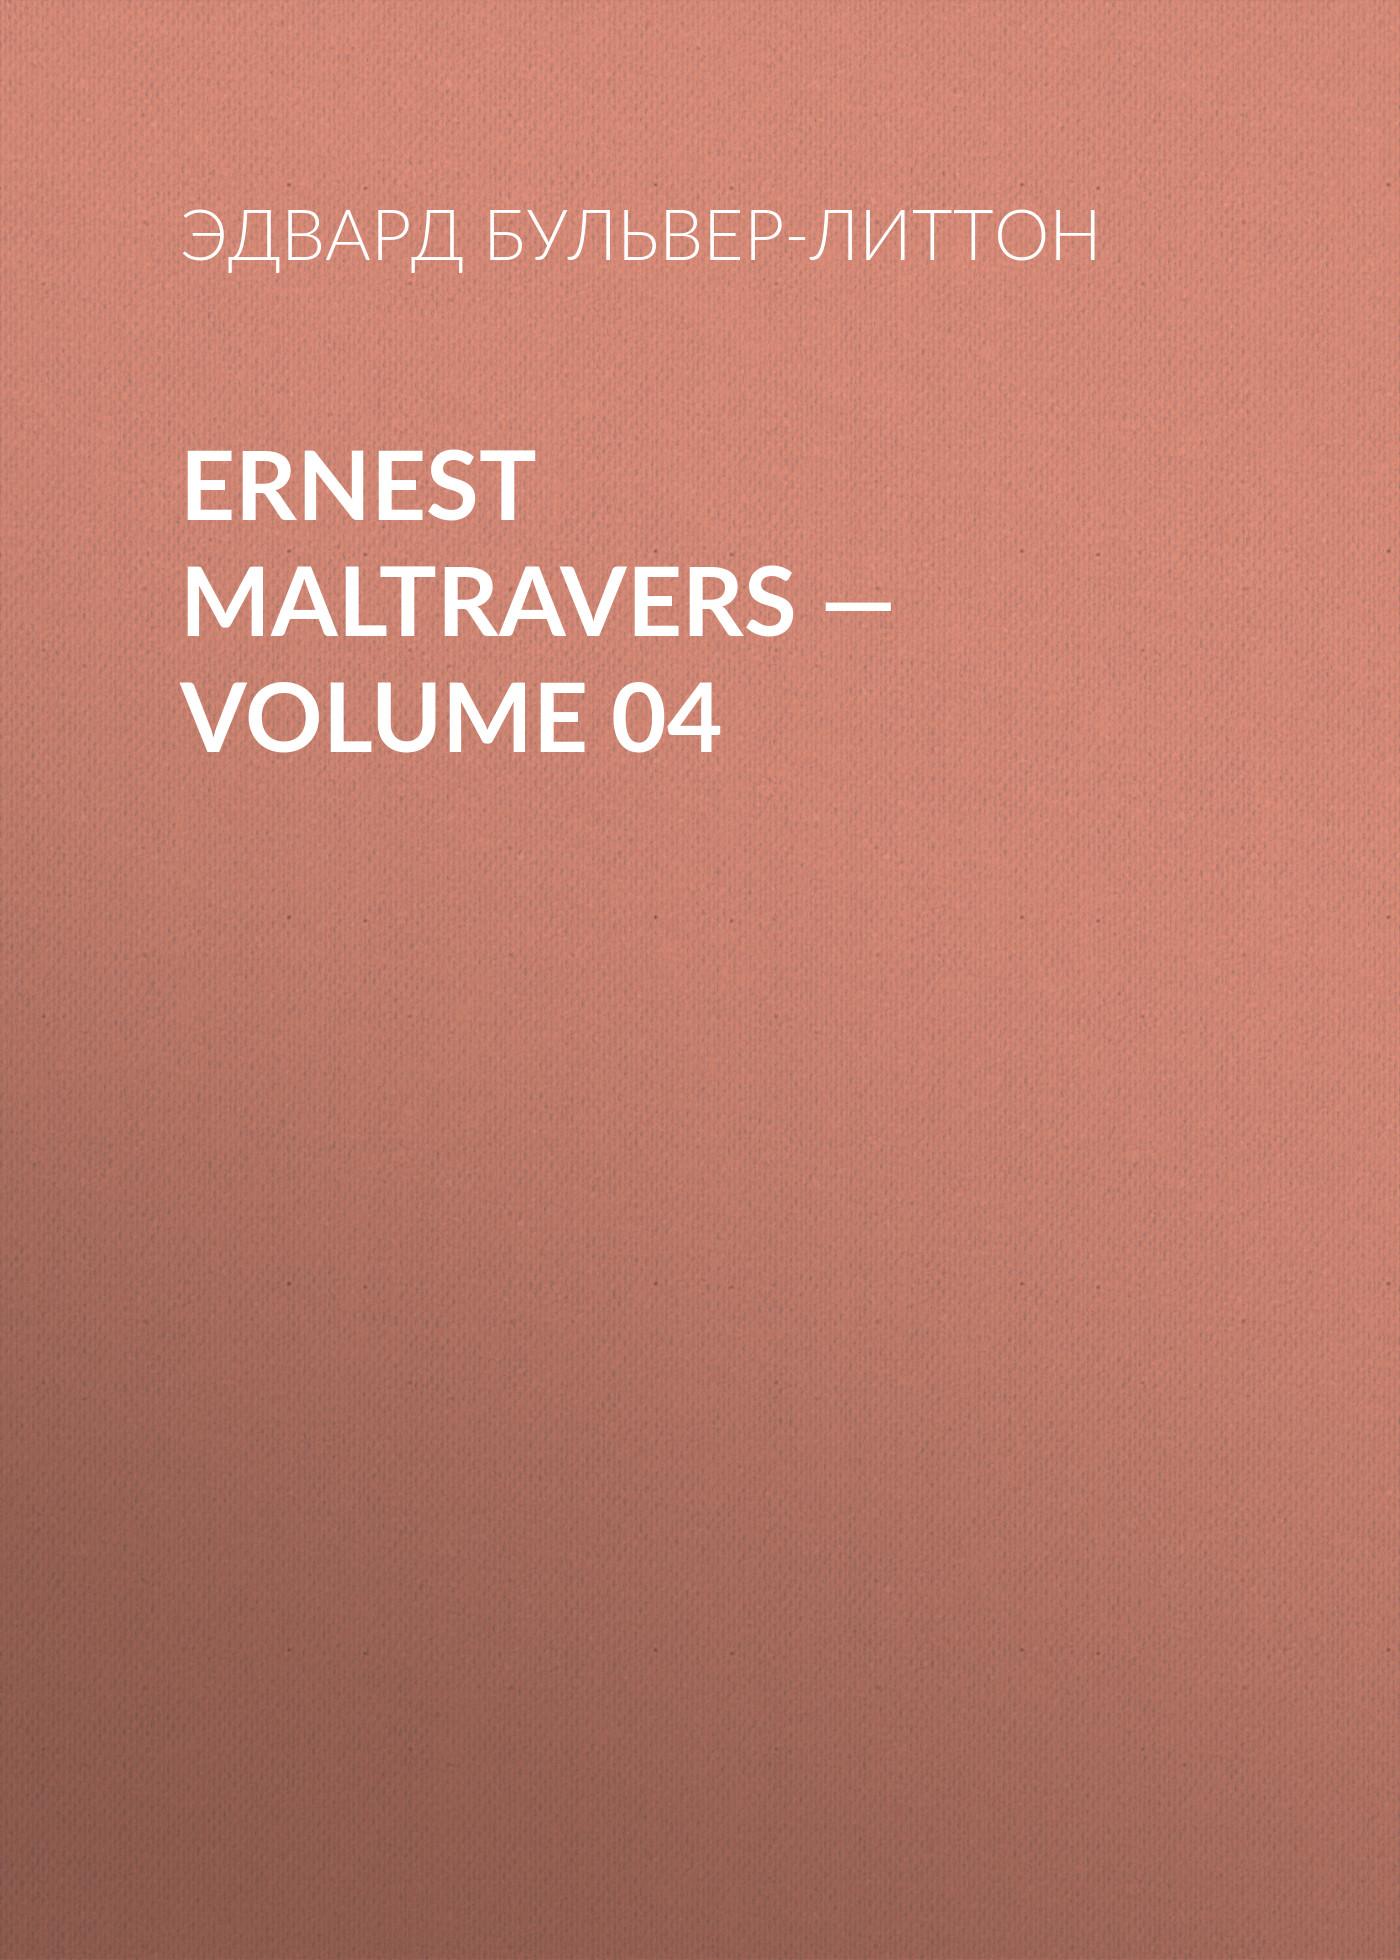 Эдвард Бульвер-Литтон Ernest Maltravers — Volume 04 эдвард бульвер литтон ernest maltravers volume 02